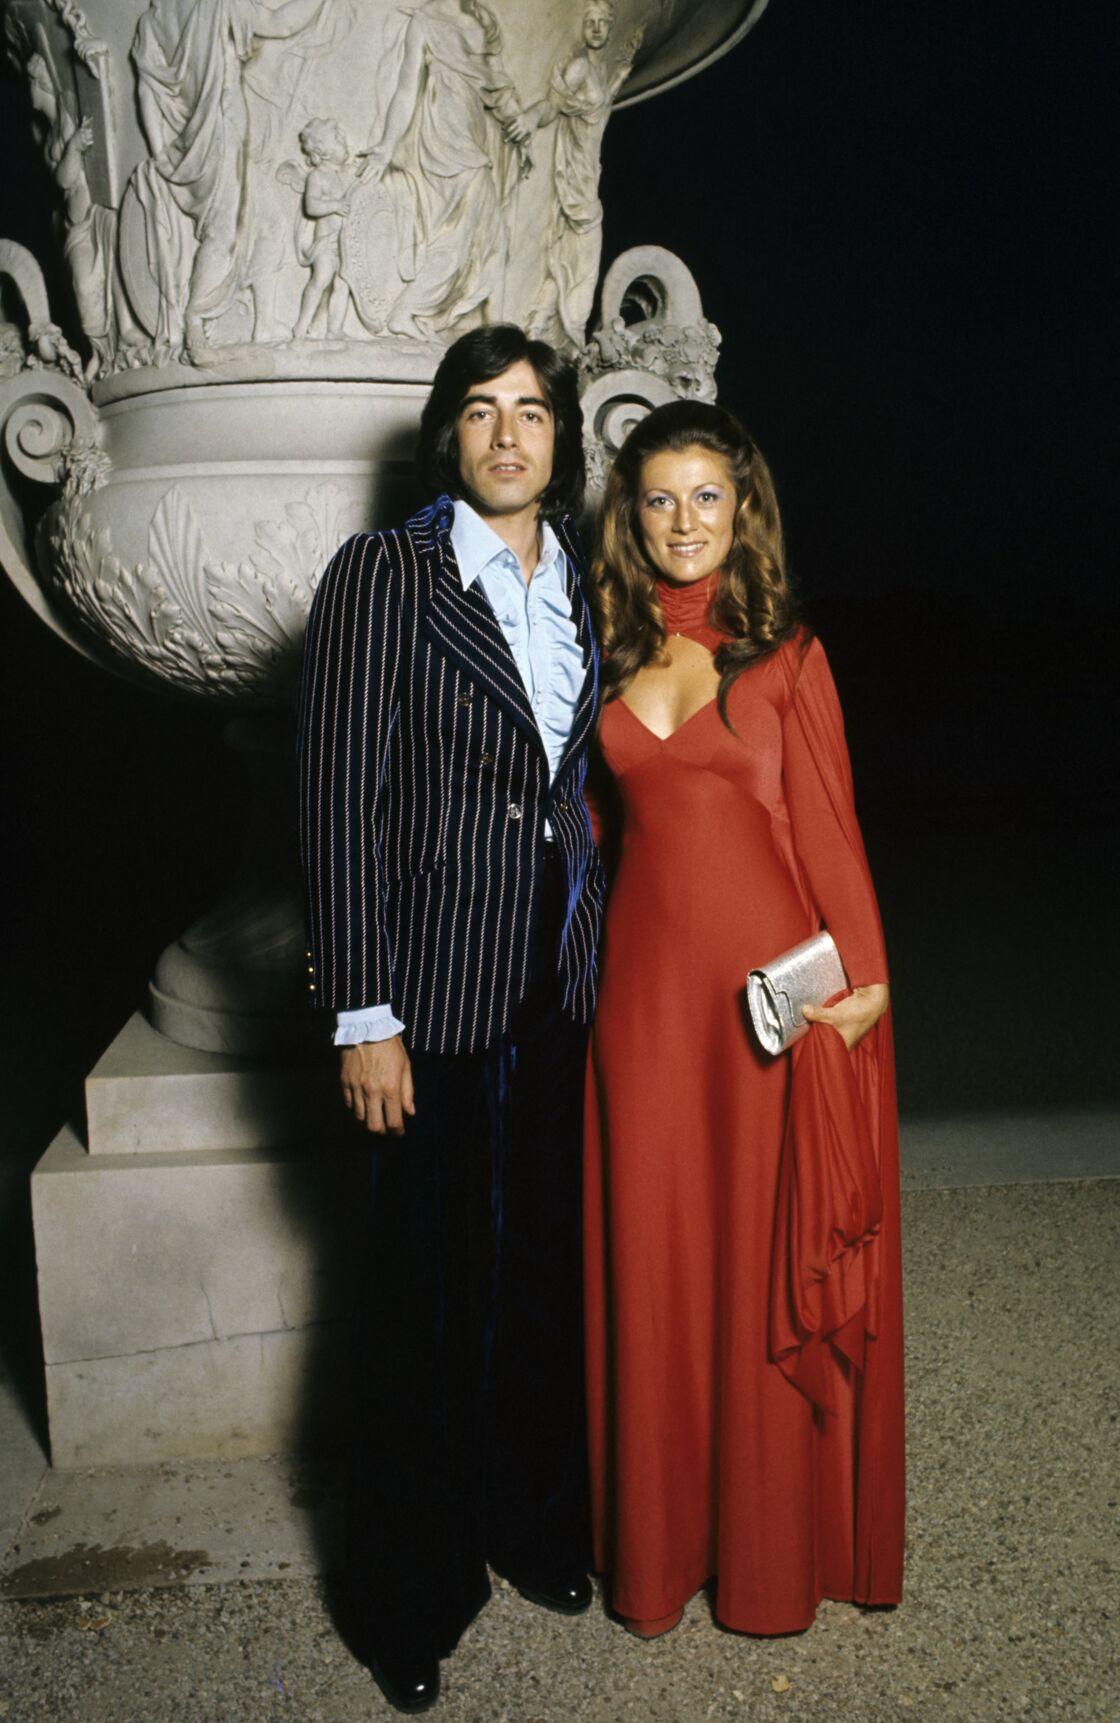 Sheila et son premier mari Ringo, lors des Trophées de la télévision, au Château de Versailles, le 19 juin 1973.